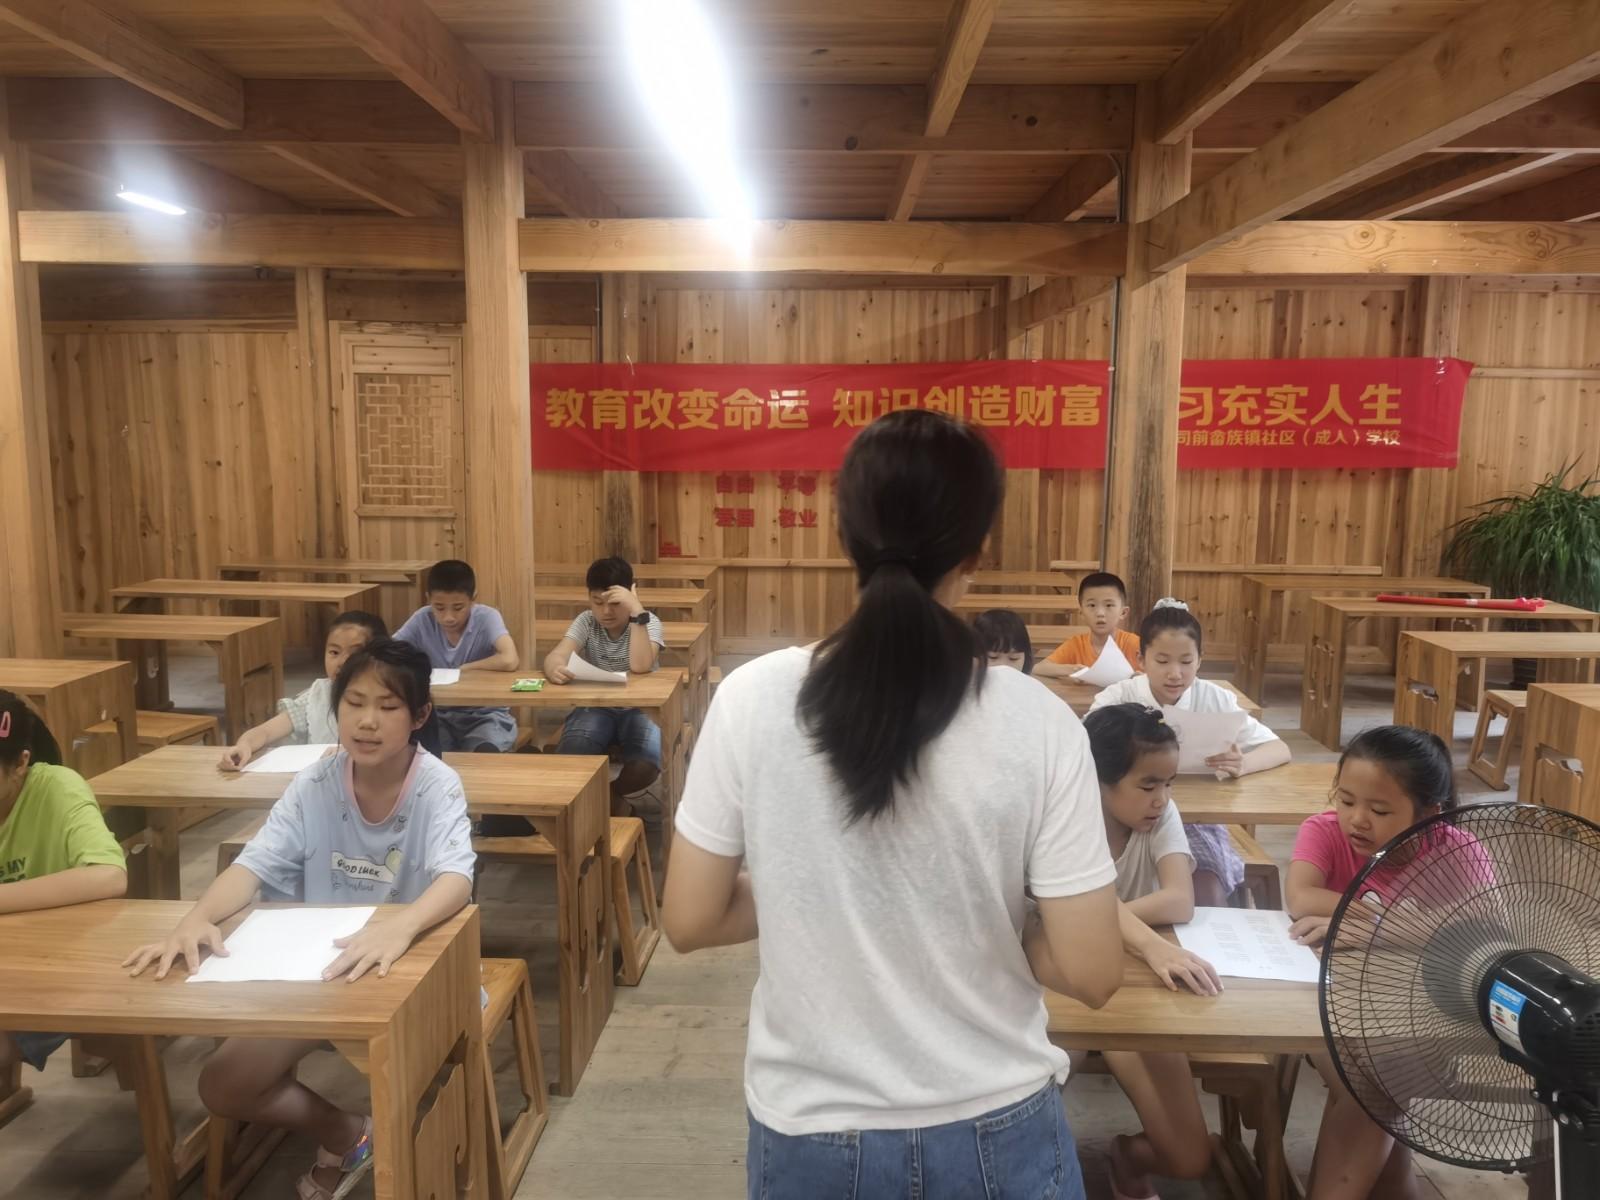 http://www.goschool.org.cn/d/file/80356147.jpg